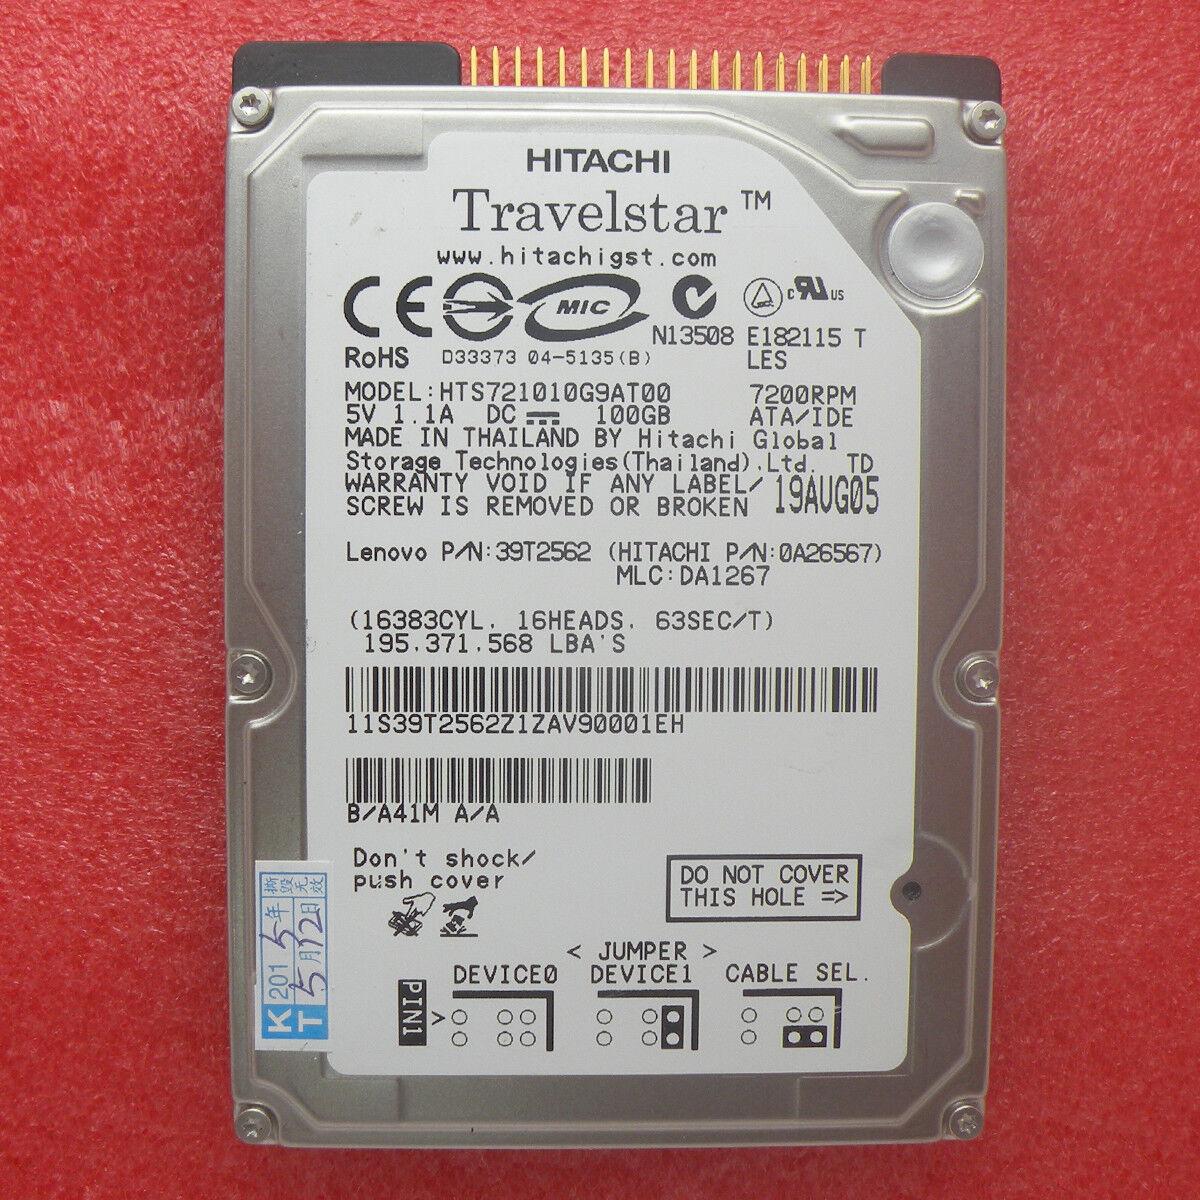 HITACHI DK225A-21 2GB IDE 2.5 INCH 4200 RPM HARD DRIVE